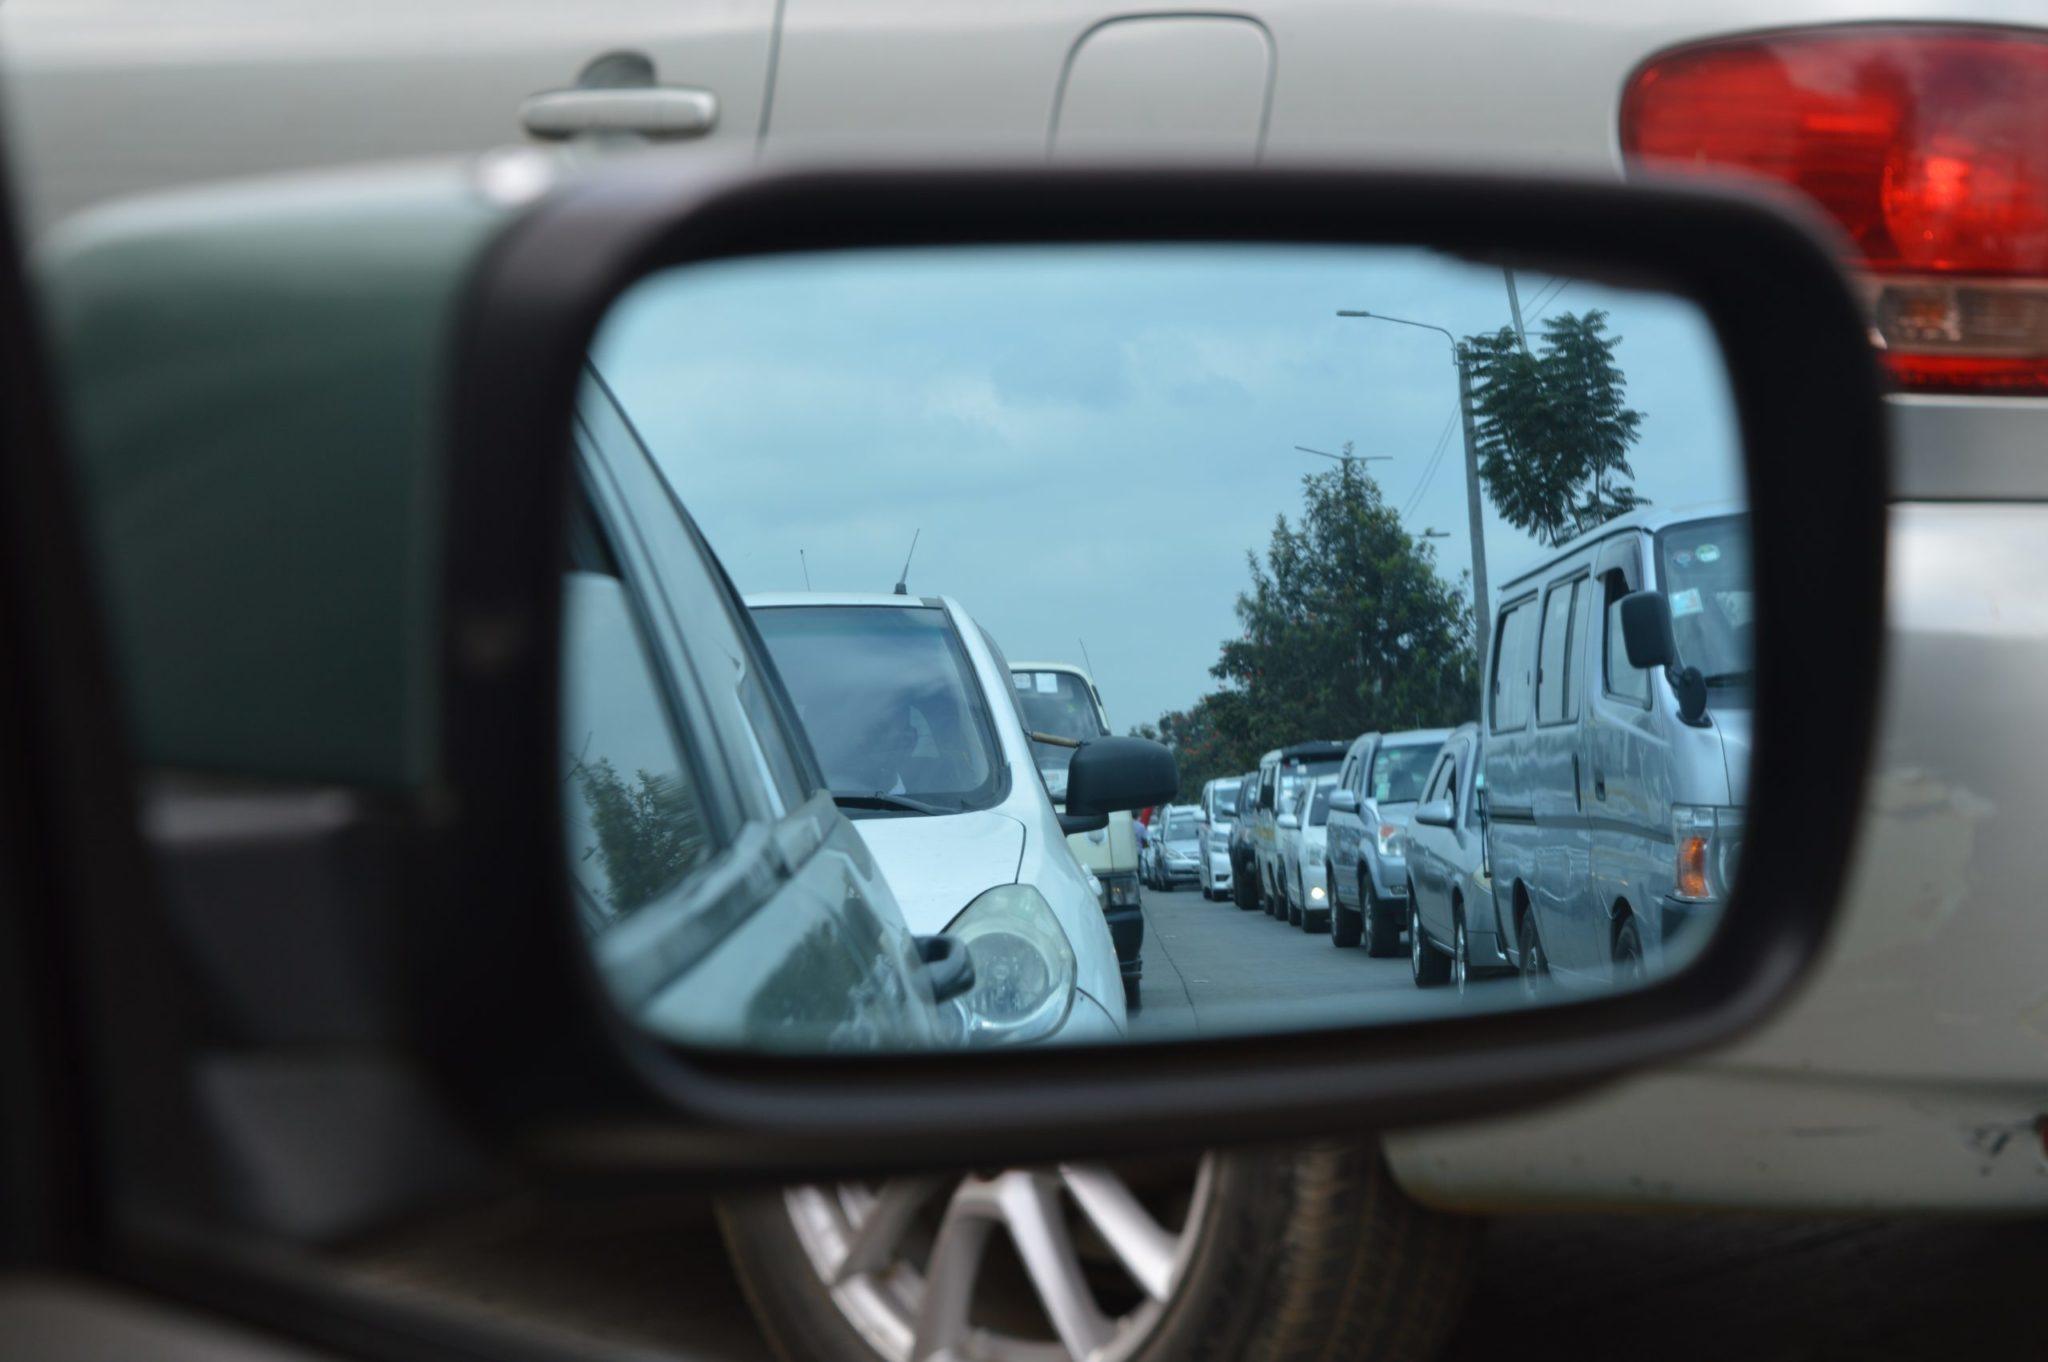 Drängeln auf der Autobahn: Nötigung und Straftat?